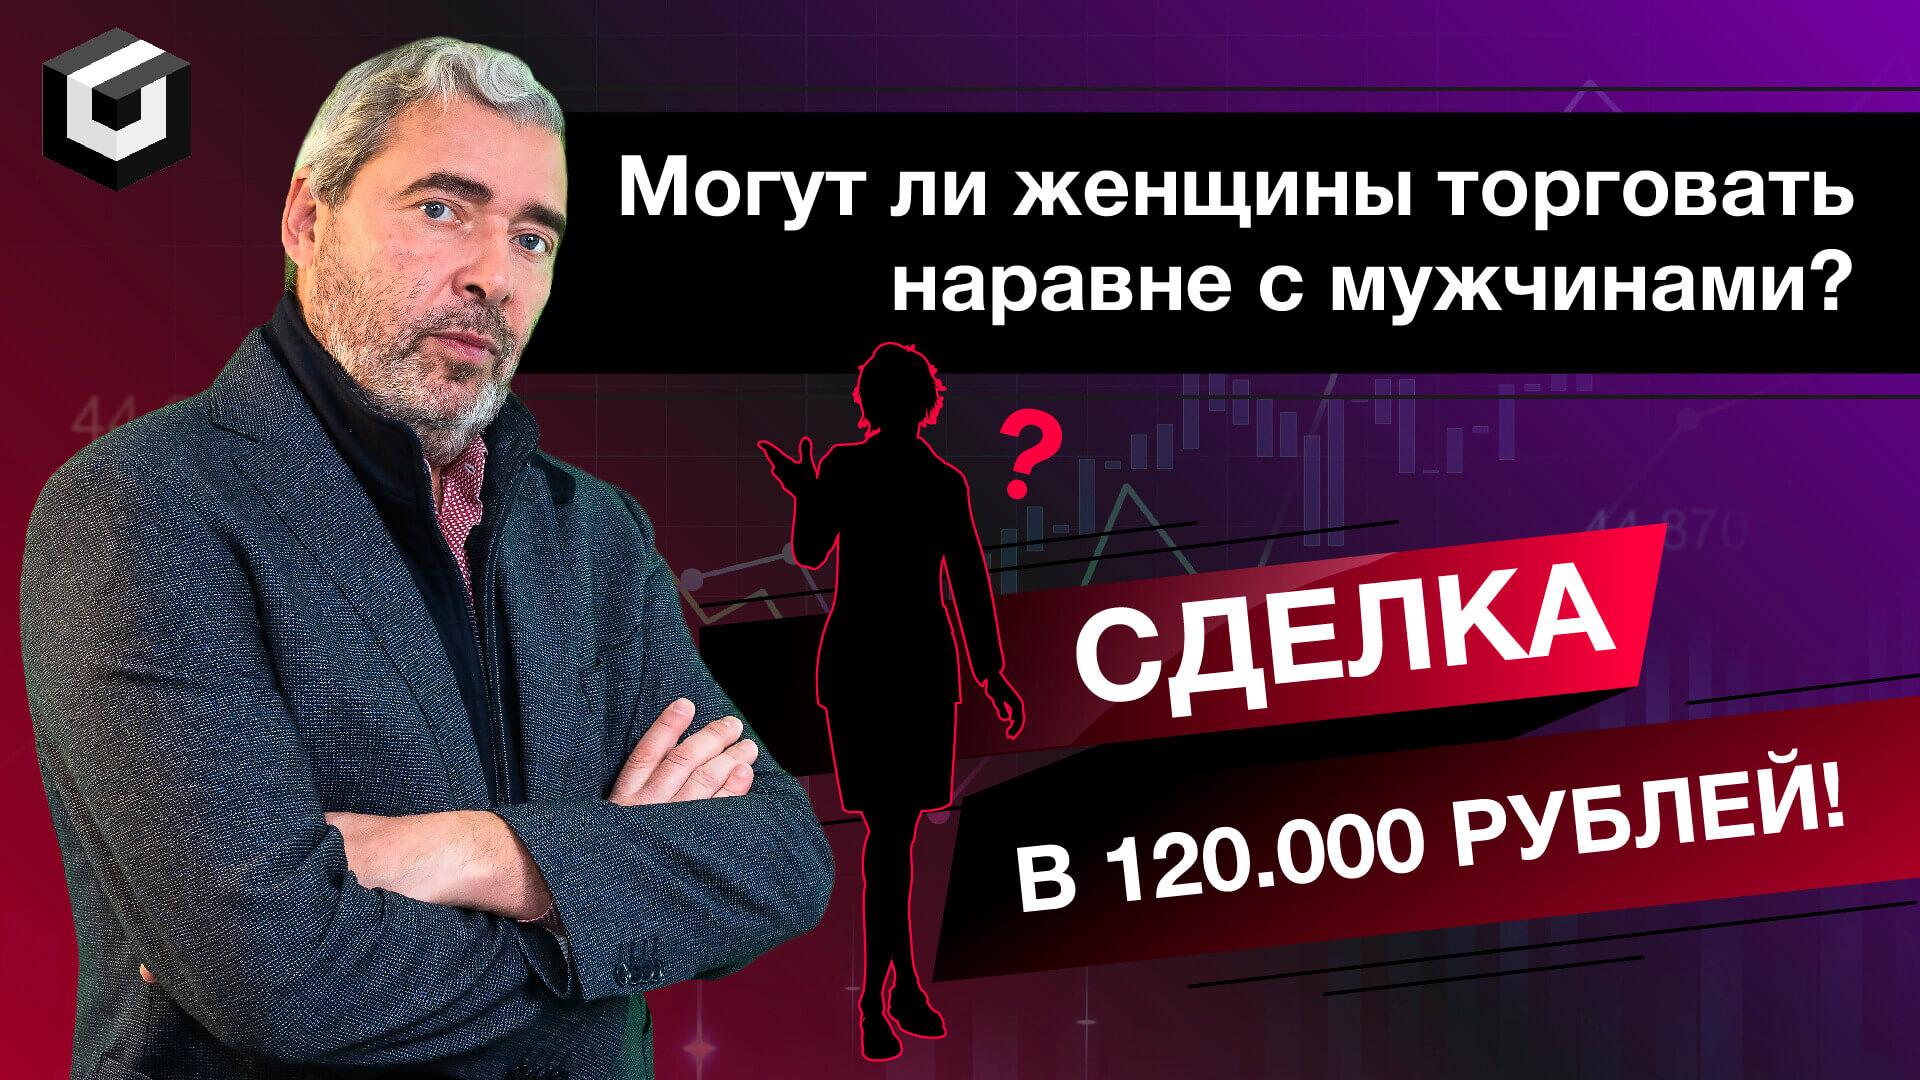 Могут ли женщины торговать наравне с мужчинами? Сделка в 120.000 рублей студентки А. Герчика